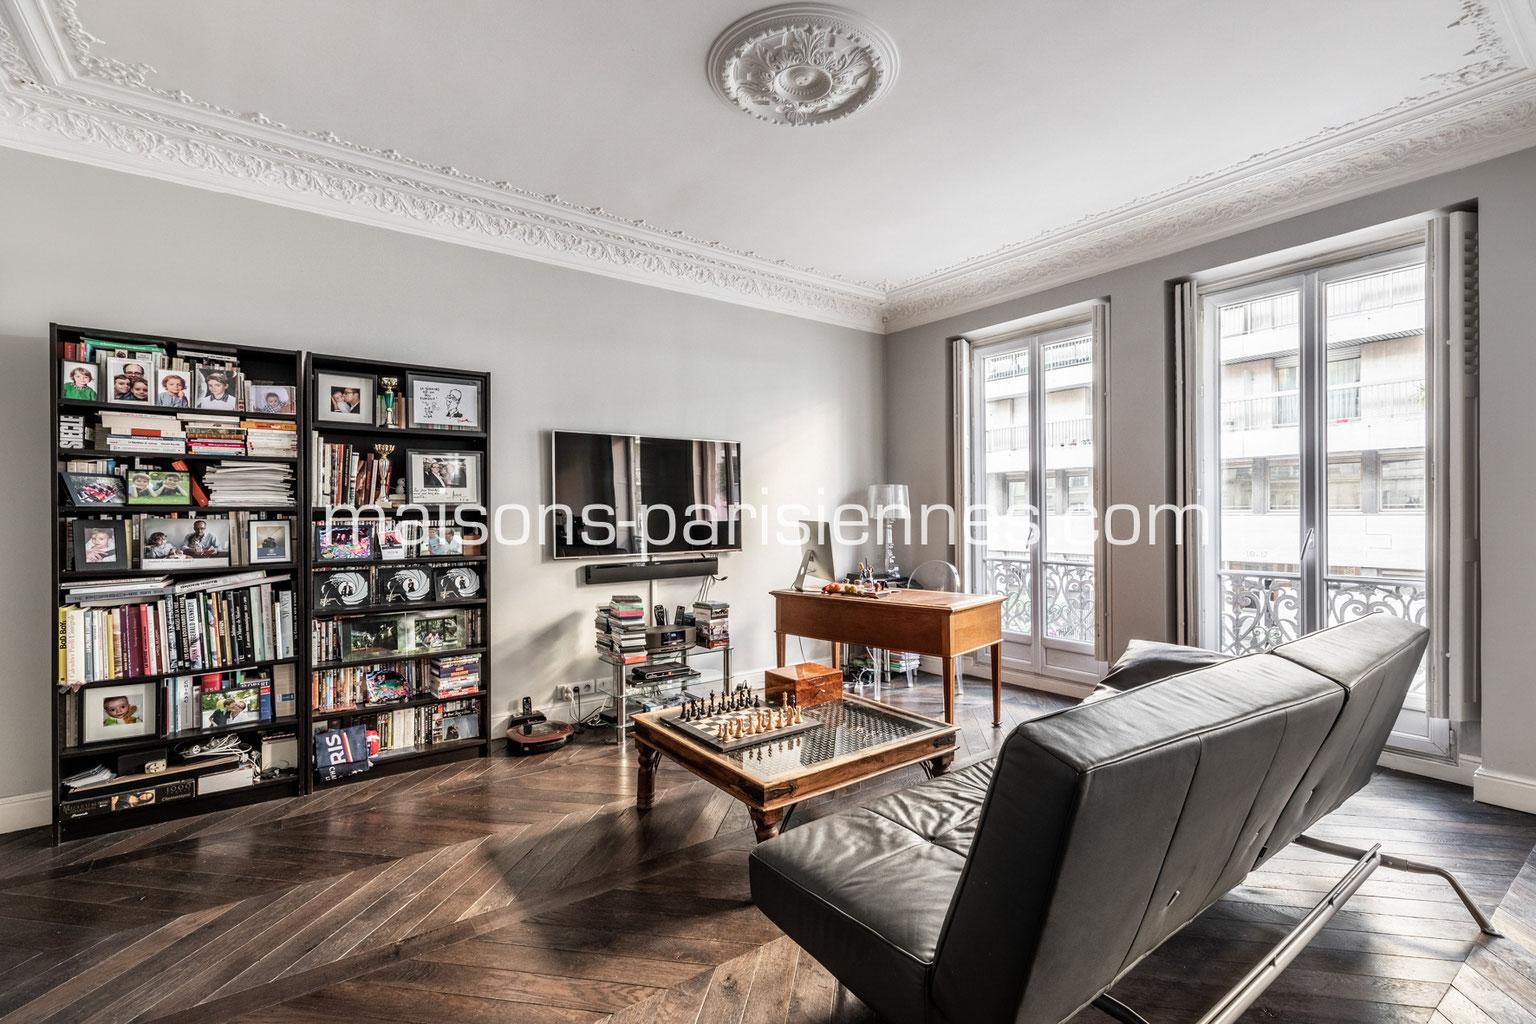 acheter paris et ses environs maisons parisiennes immobilier de charme paris. Black Bedroom Furniture Sets. Home Design Ideas